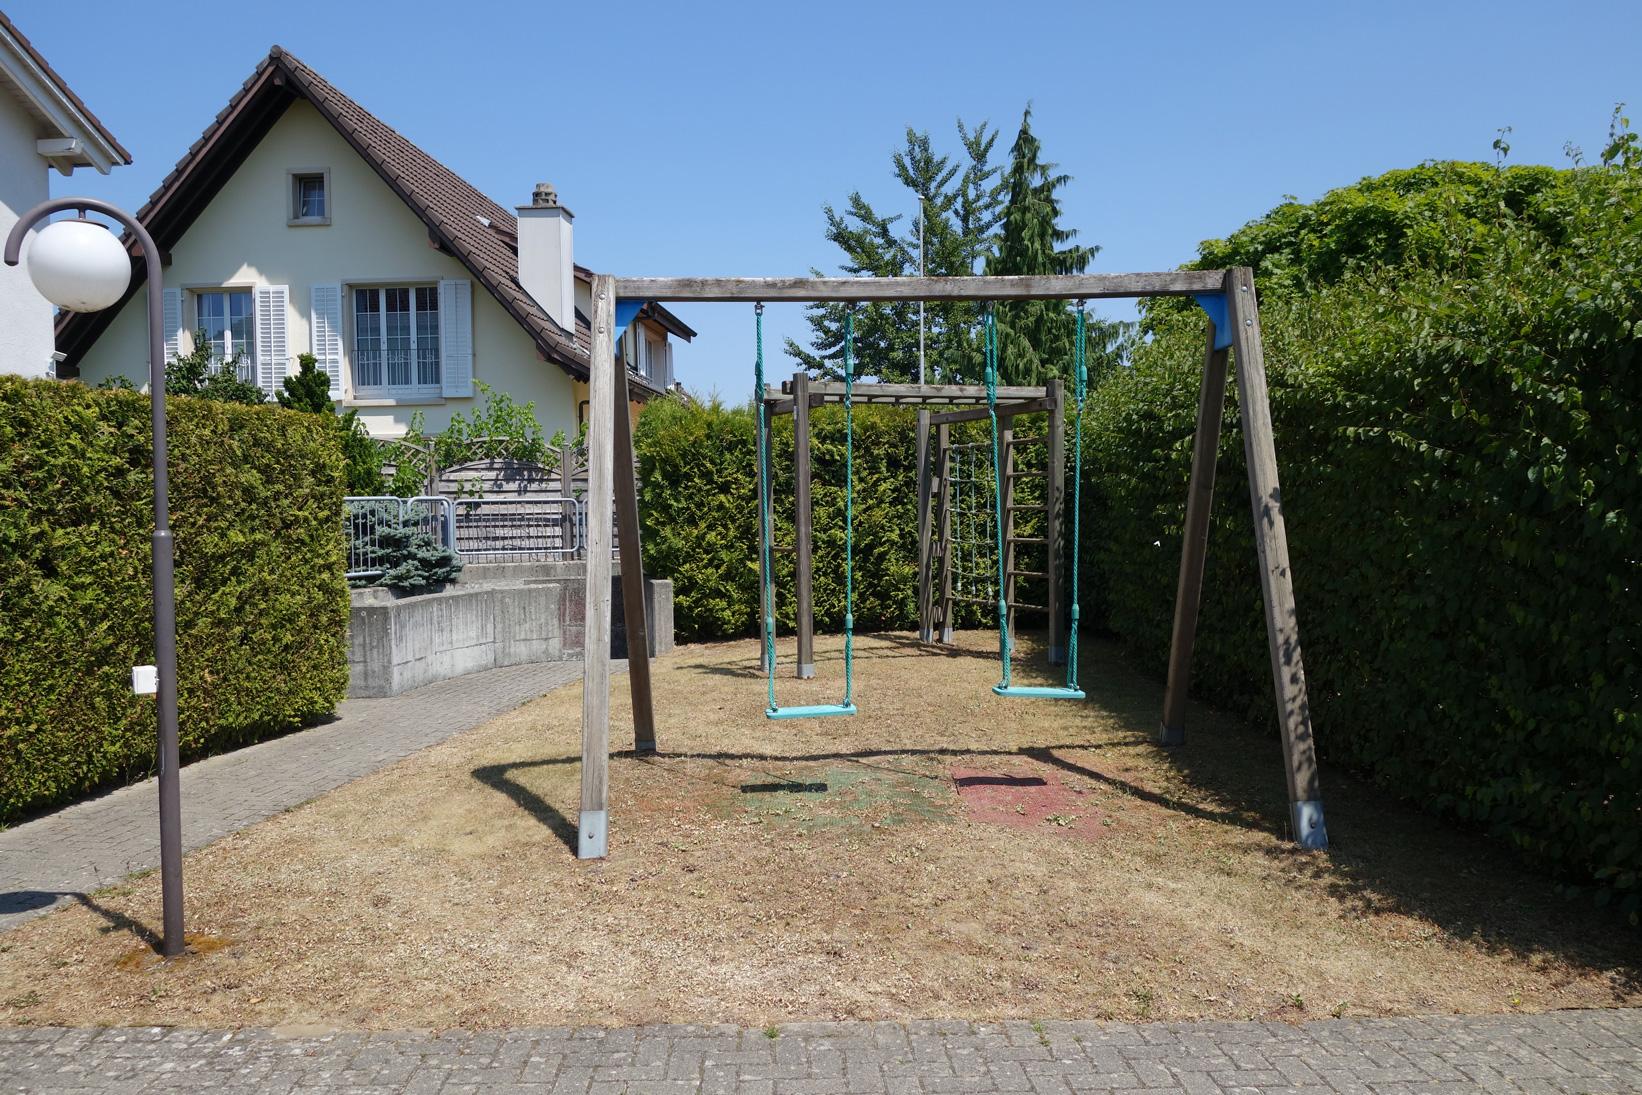 gemeinsamer Spielplatz